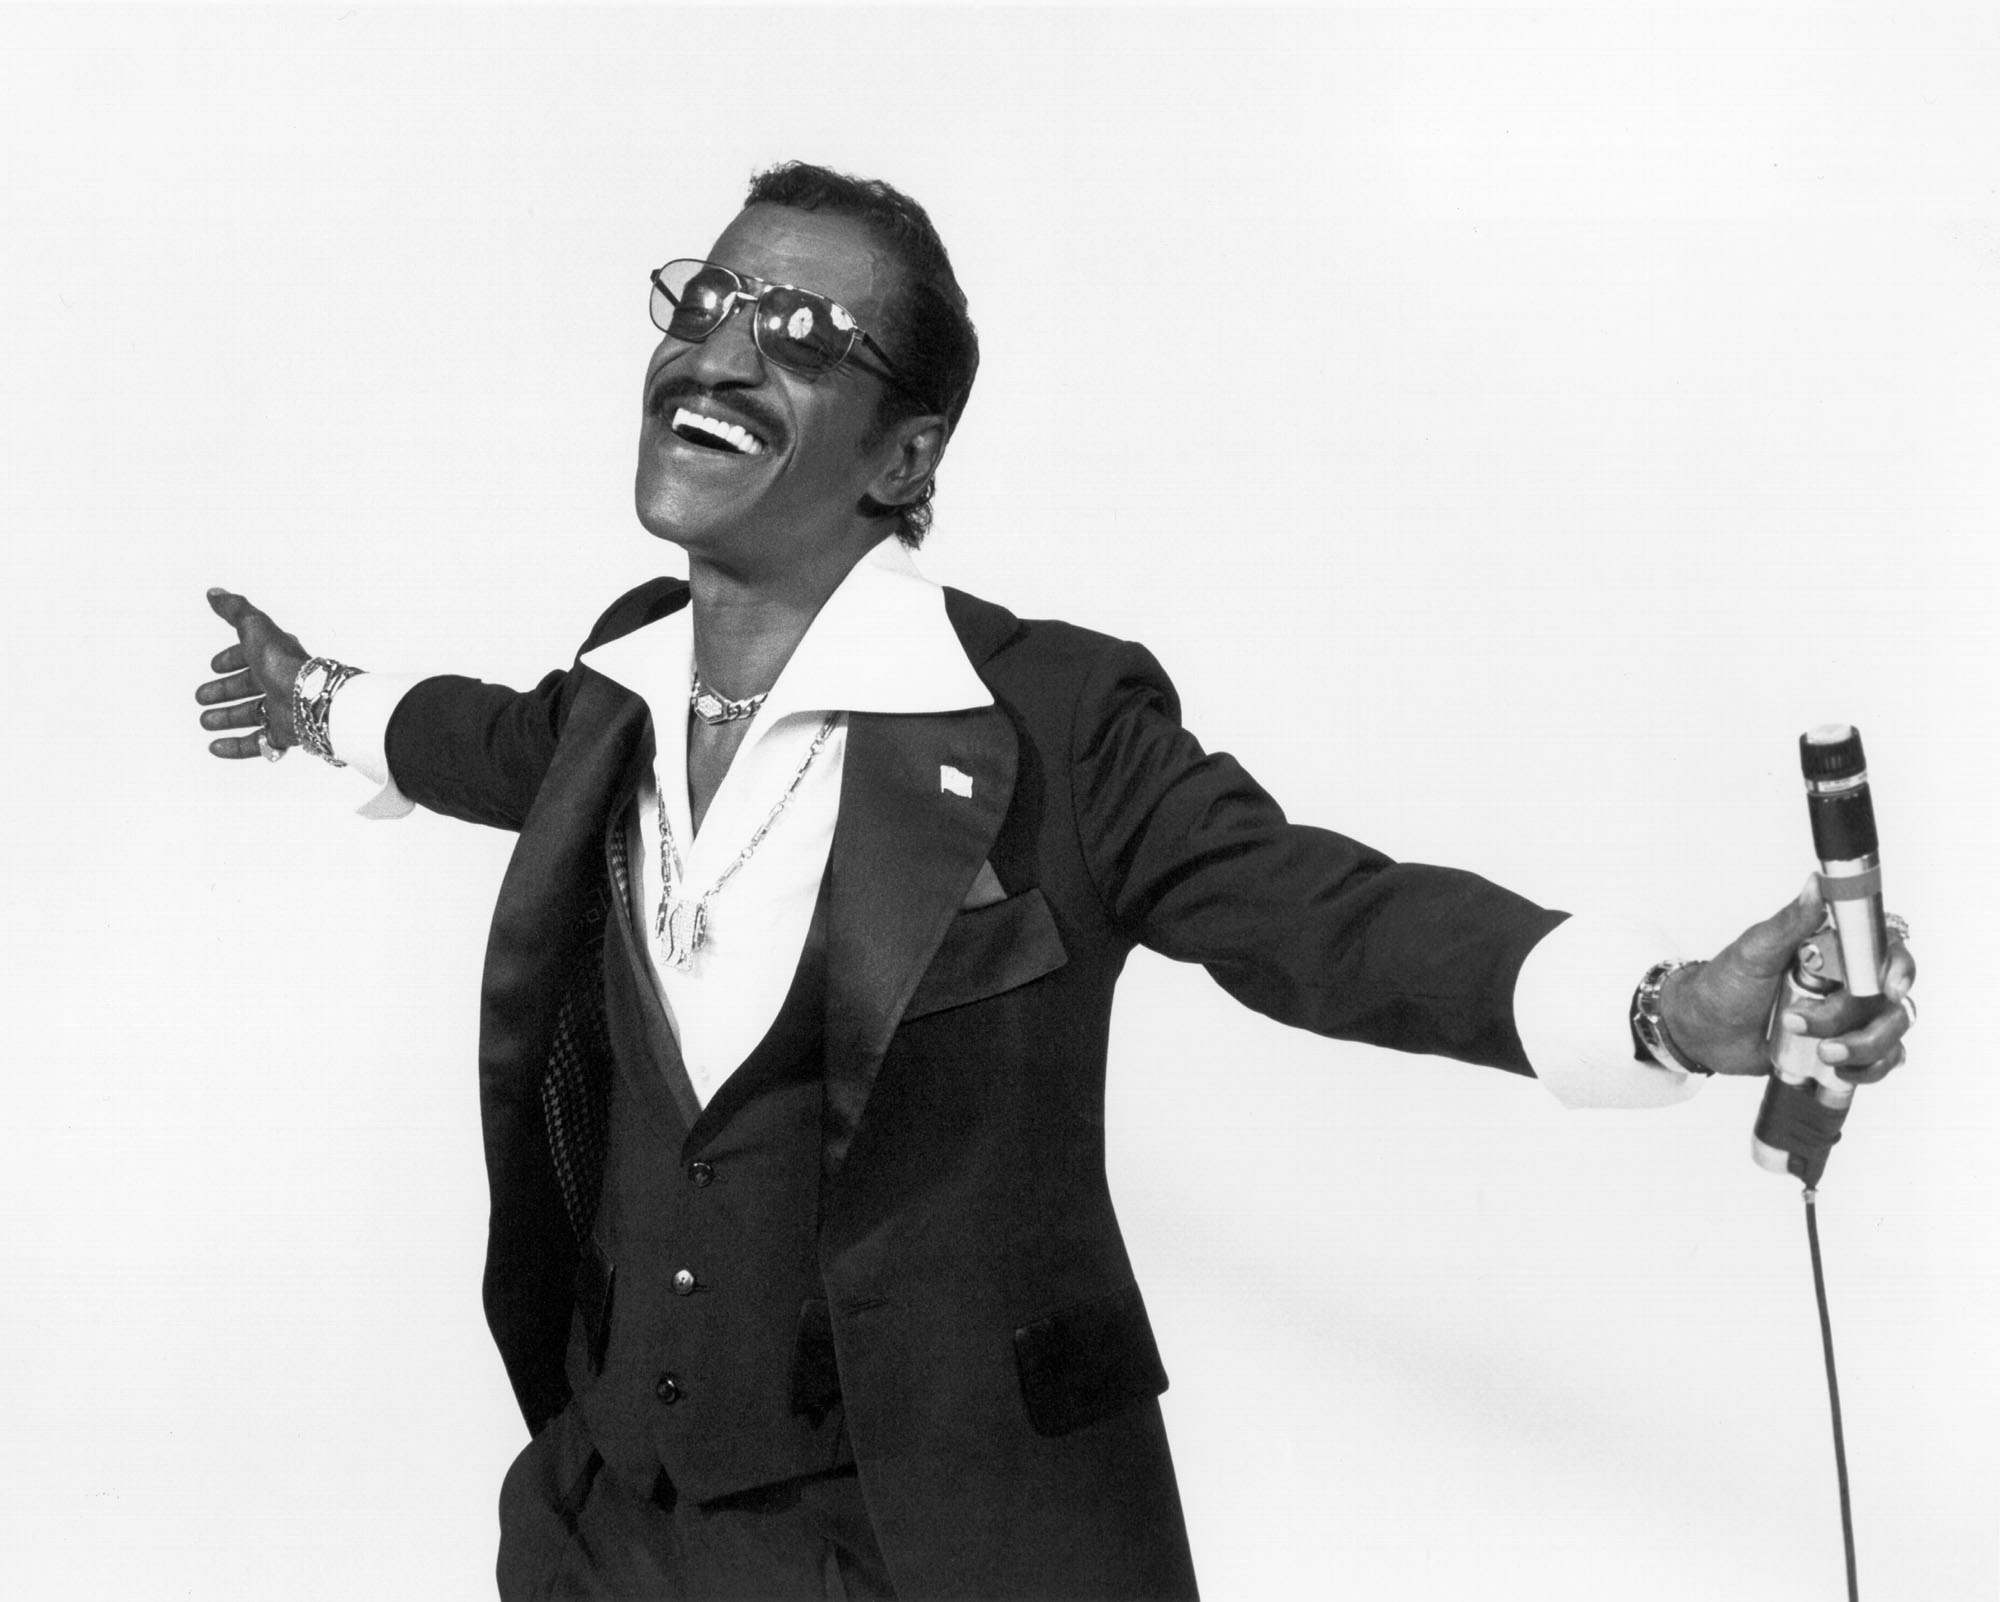 Sammy Davis Jr. Sammy Davis Jr. Fair Warning - You'll Never Get Away From Me